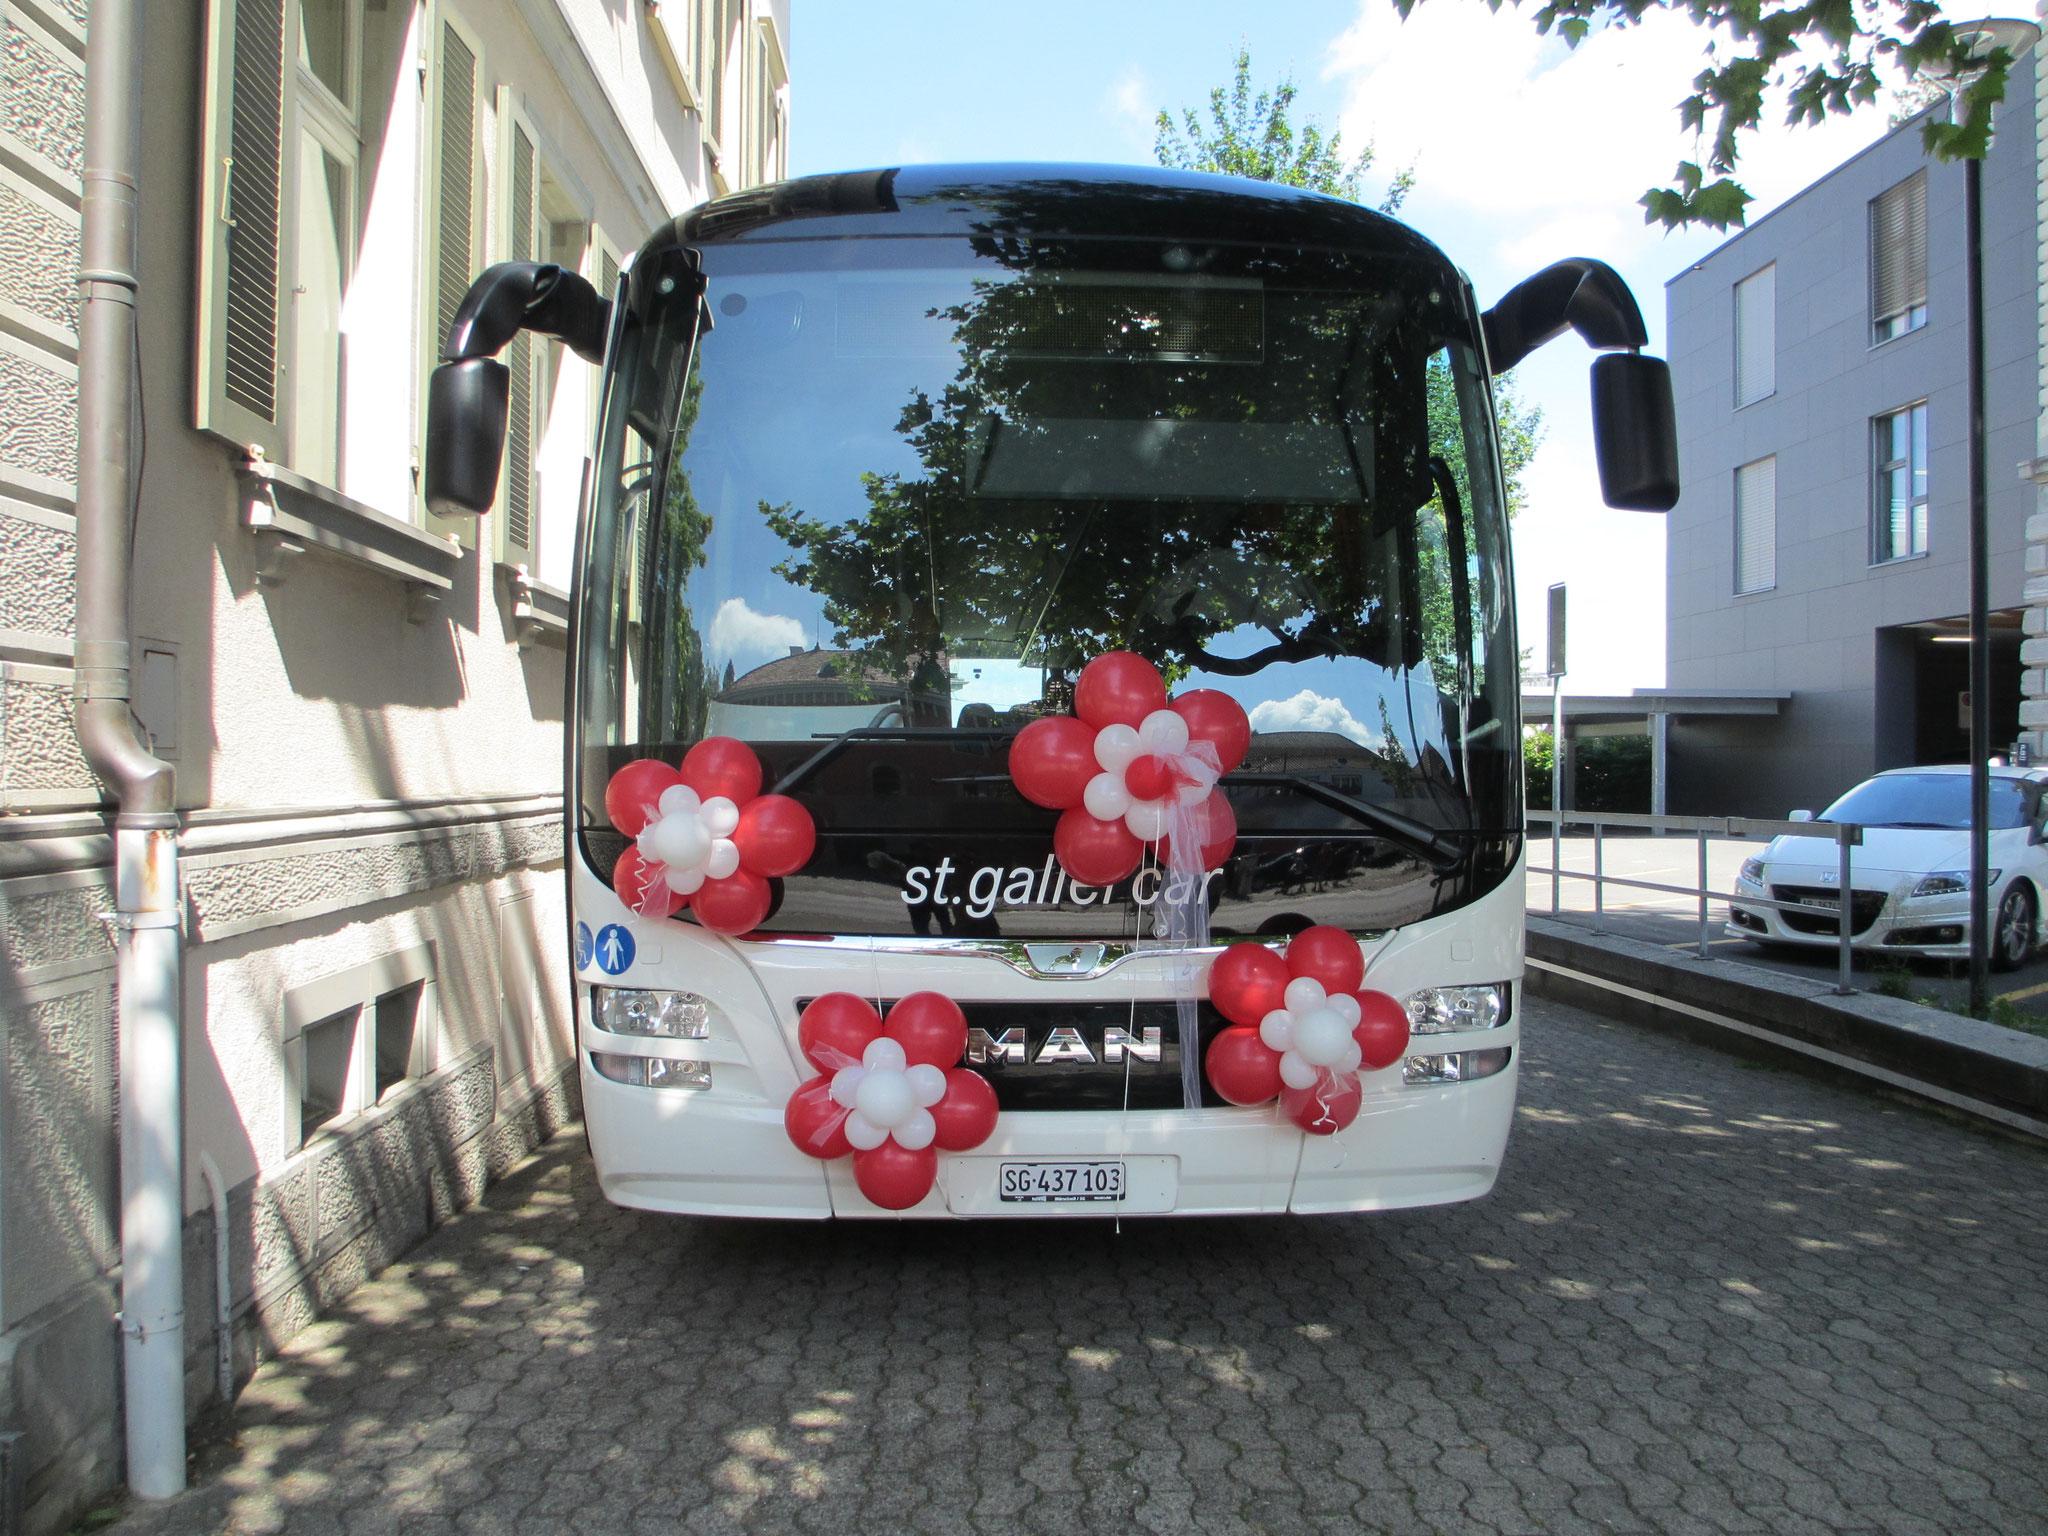 das Fahrzeug mit Ballons dekorieren